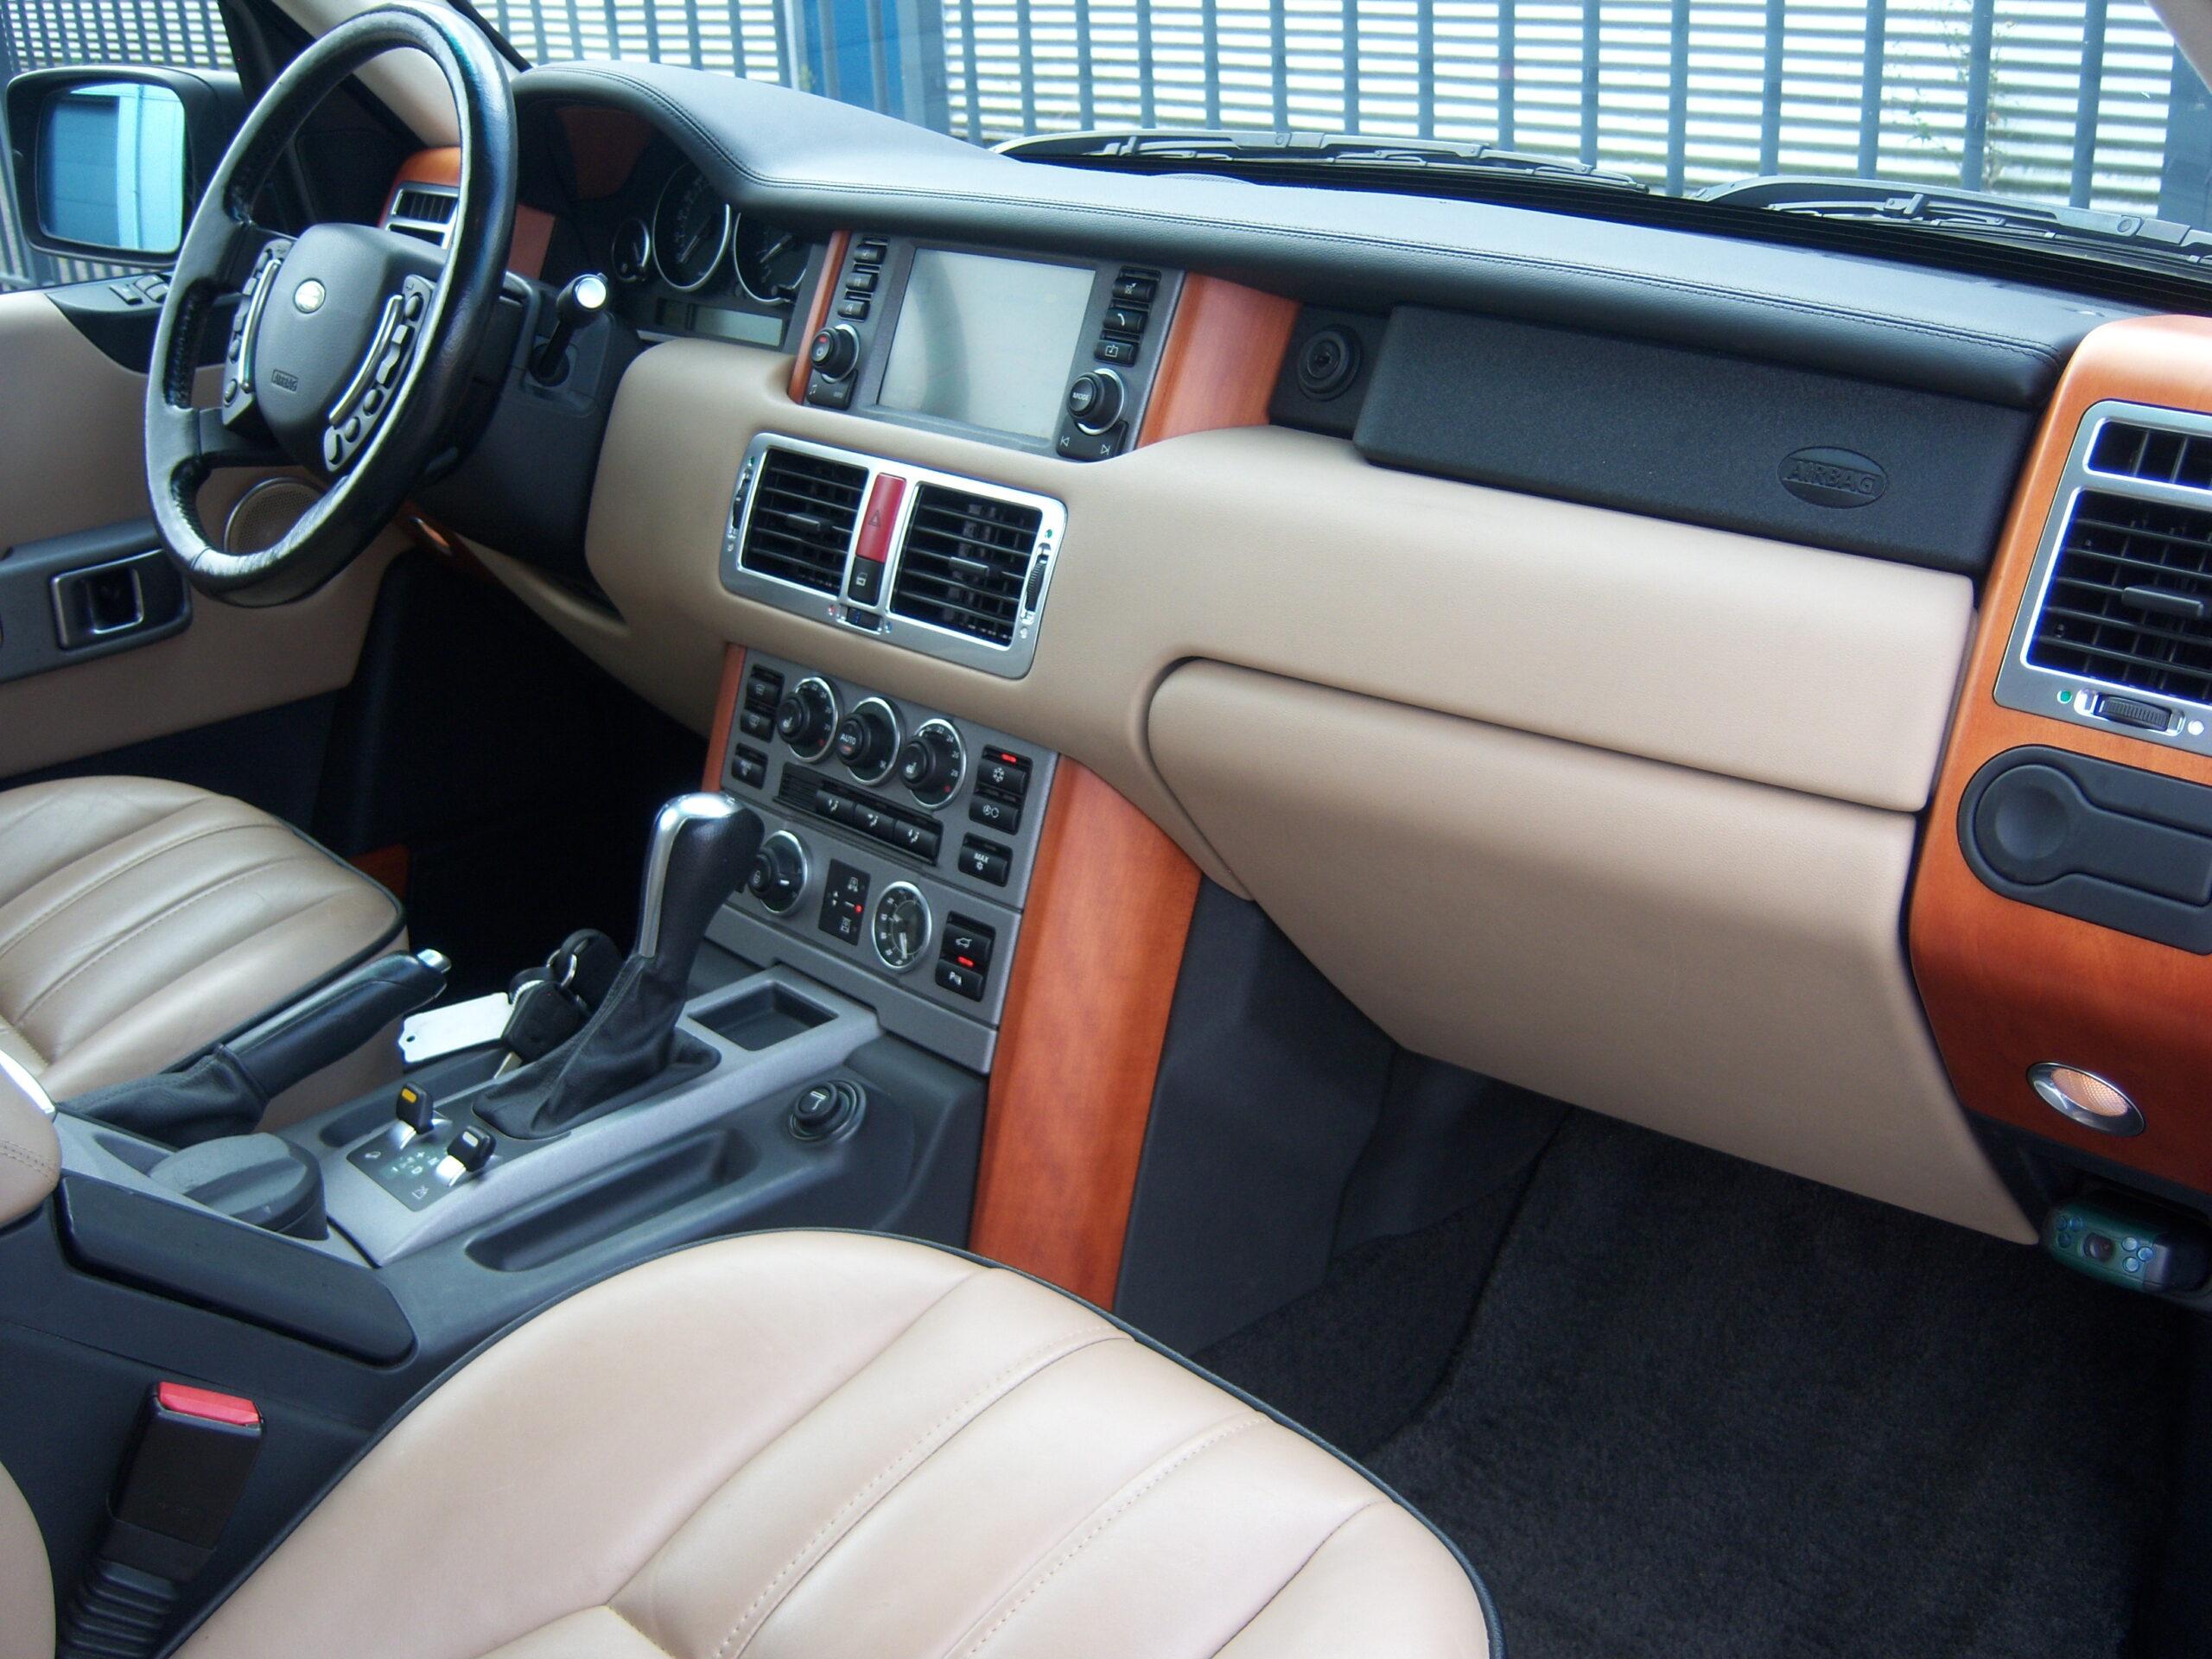 Range Rover 4.4 AJV8 Vogue/ 2005/ Youngtimer/ Origineel NL